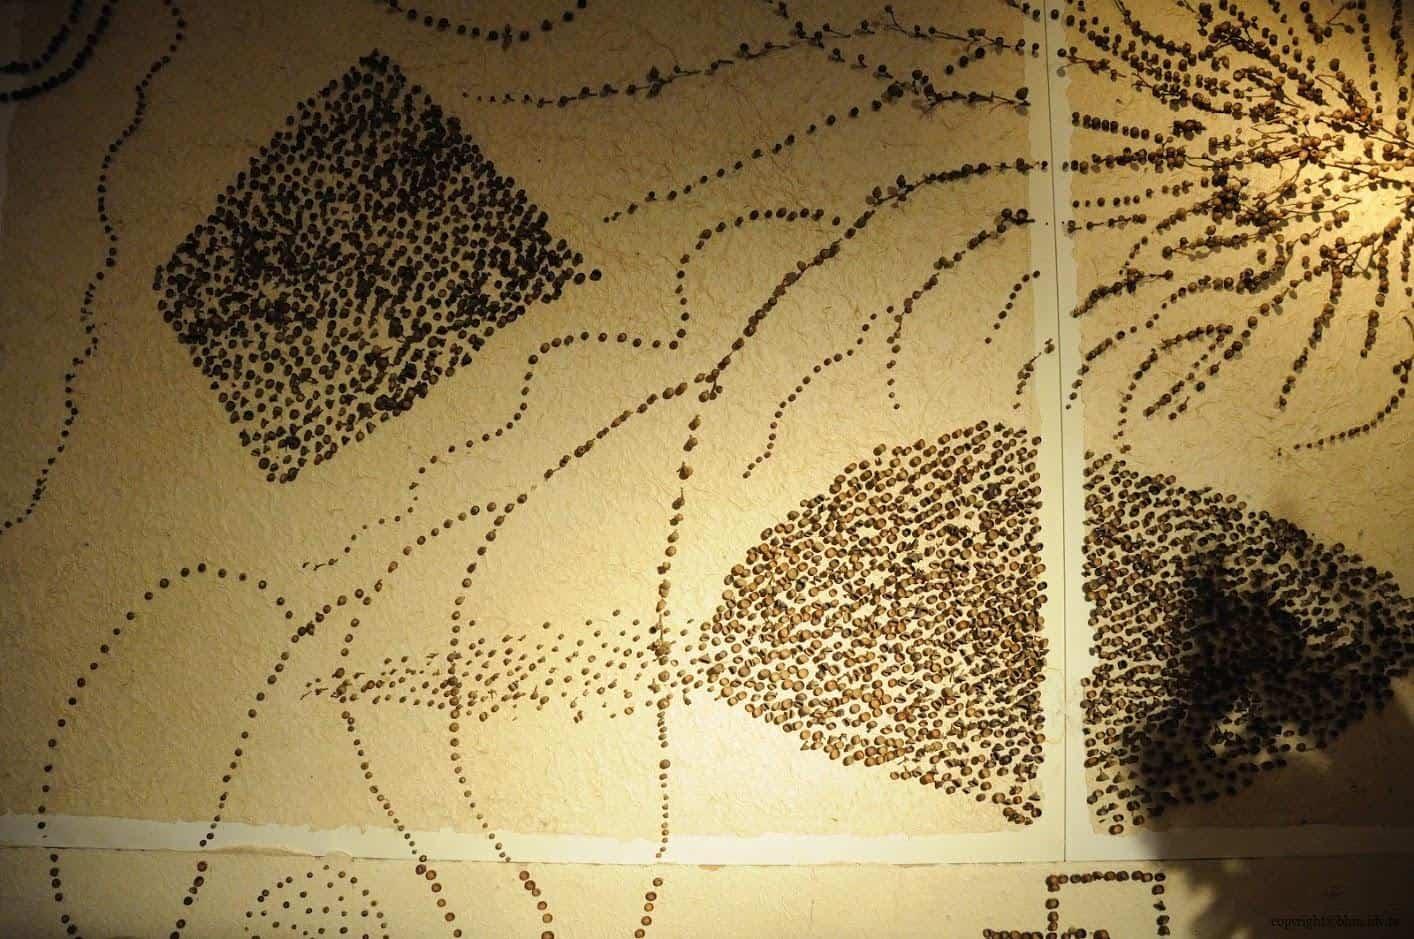 田島征三,繪本和樹木果實美術館,以「學校不是空的喔!」為主題,有密集恐懼症的人應該會不敢看這面牆 繪本和樹木果實美術館 繪本和樹木果實美術館 hachi seizo tashima museum of picture book art 16